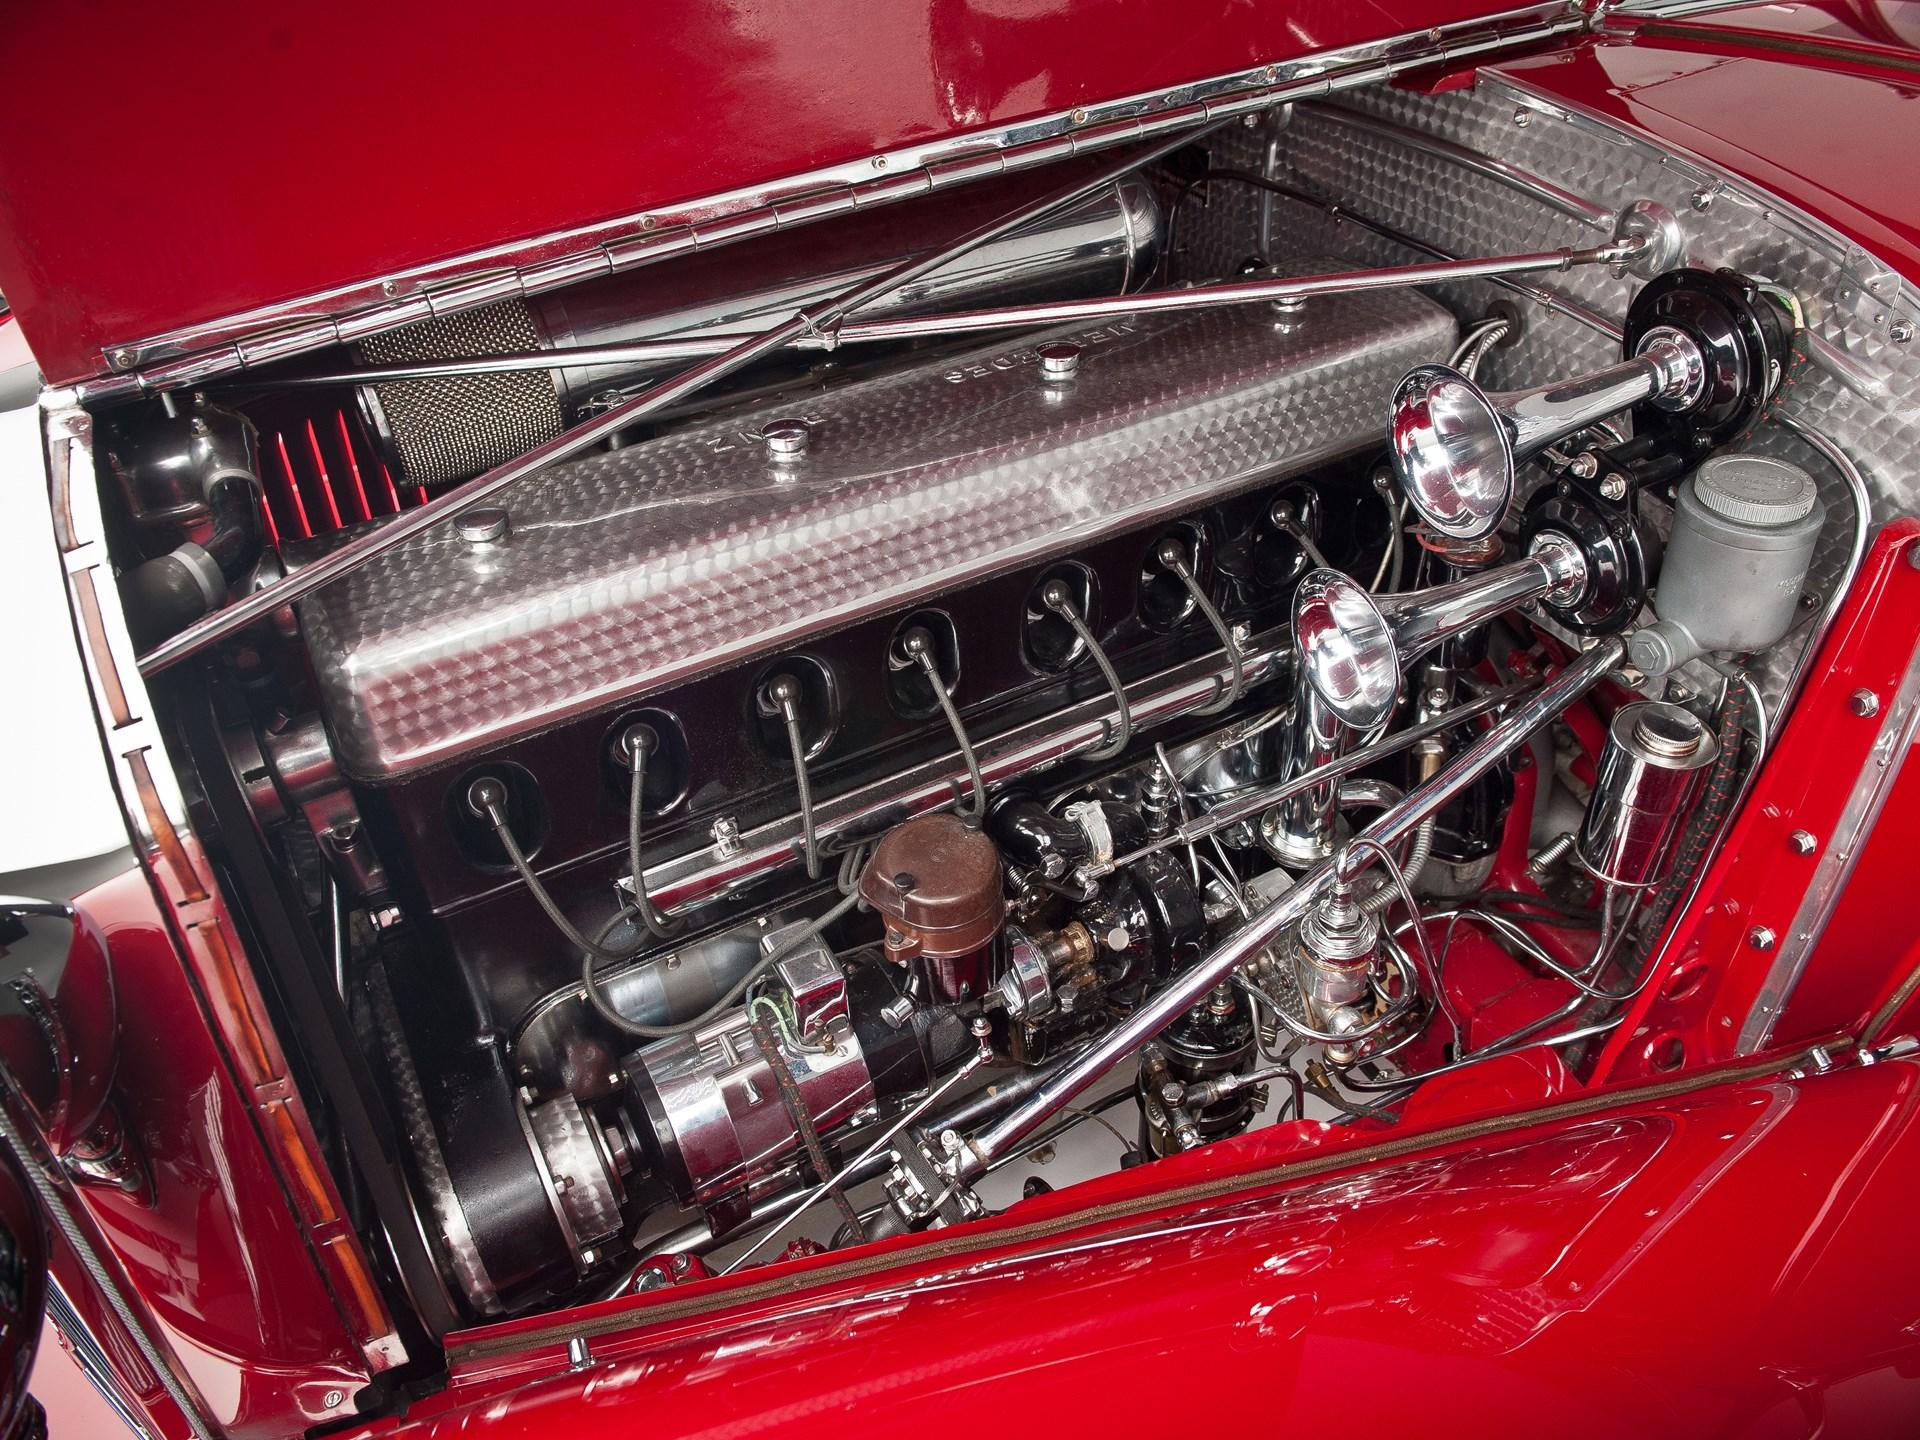 1935 Mercedes-Benz 500k engine driver side